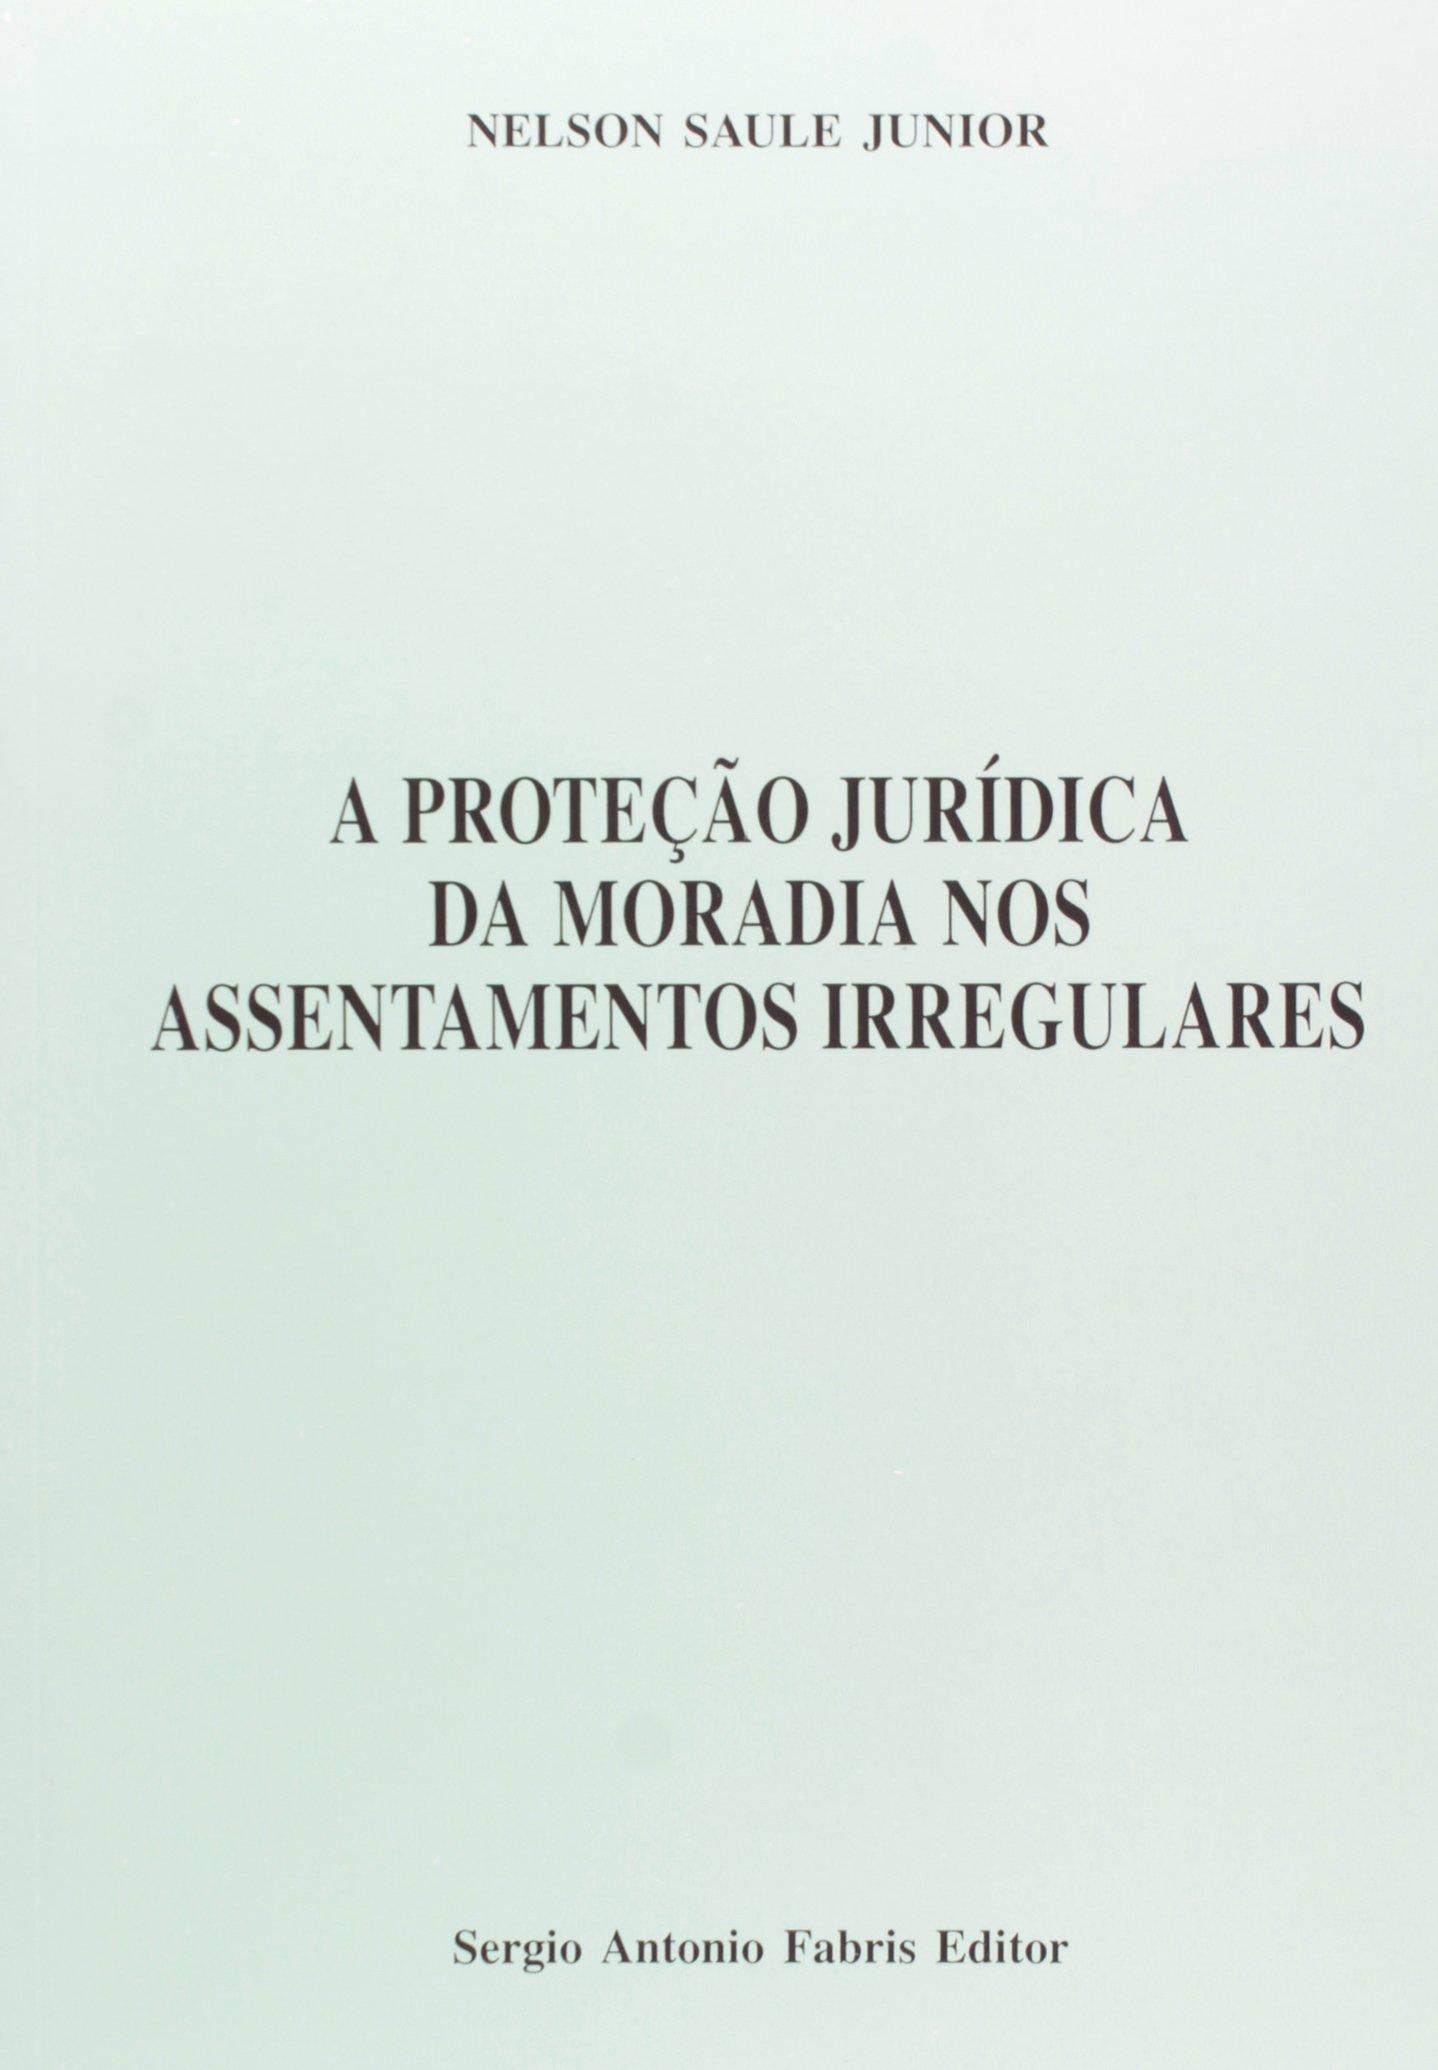 Download A Protec~ao Juridica Da Moradia Nos Assentamentos Irregulares ebook